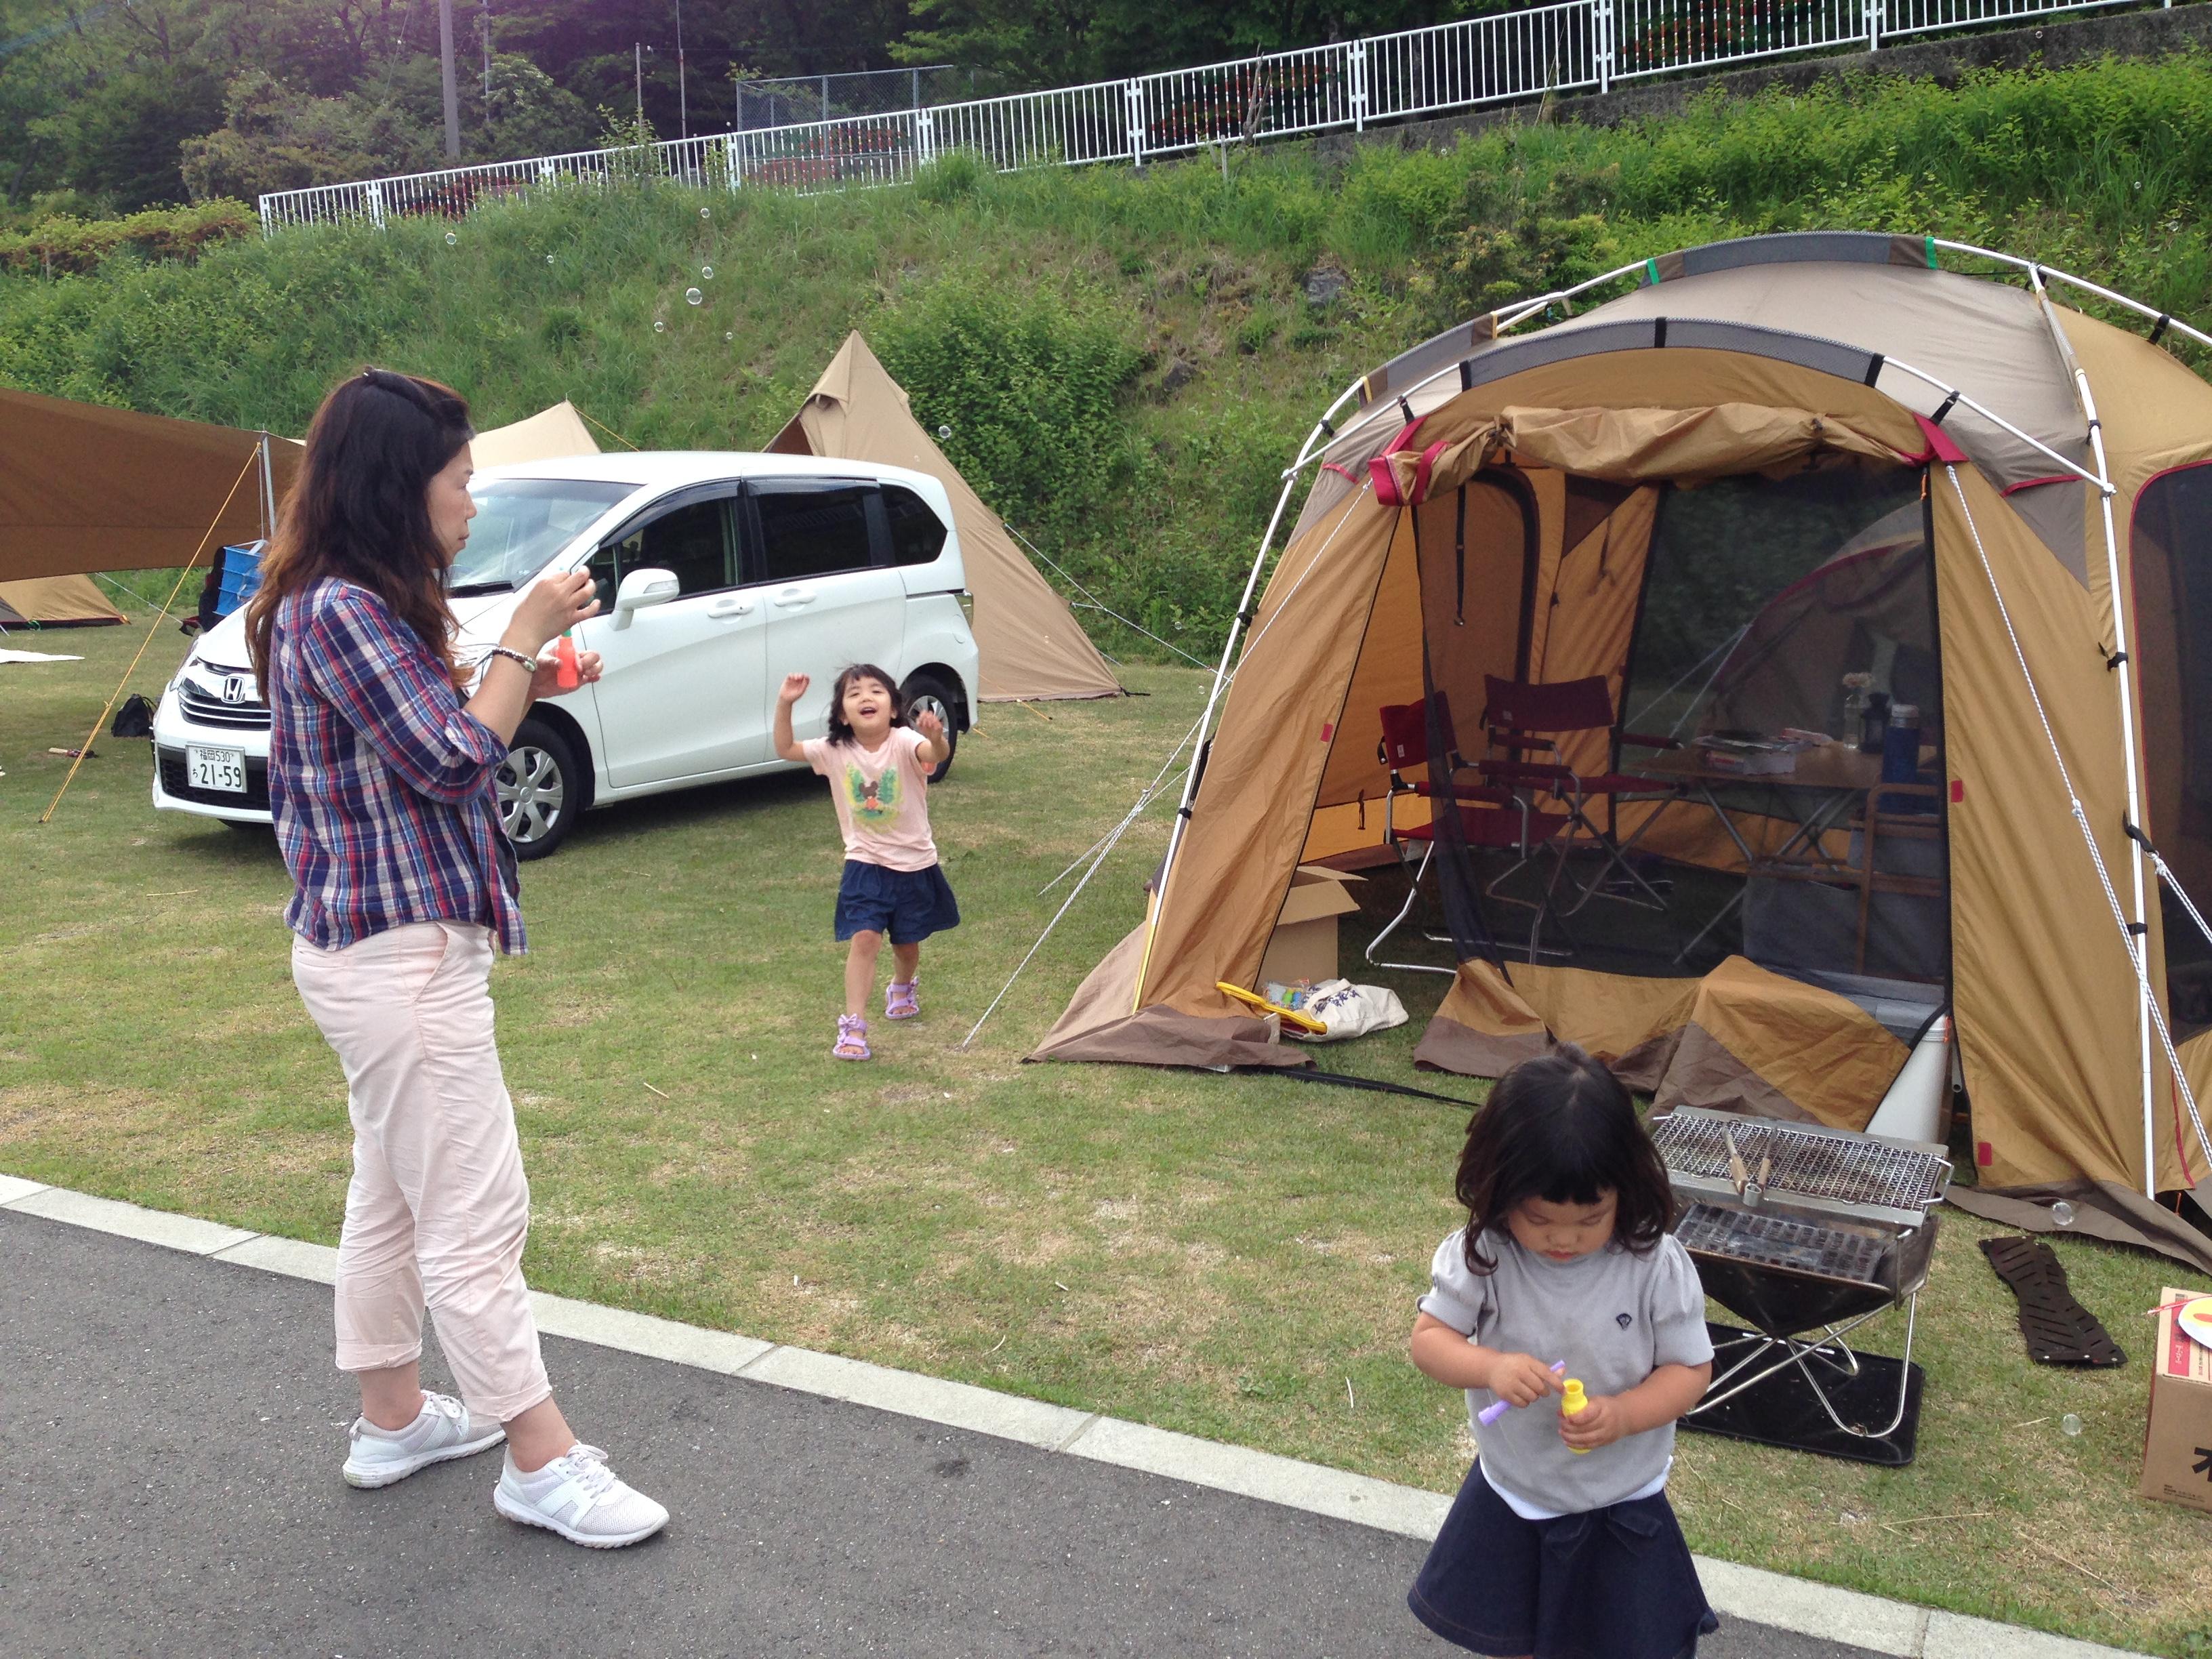 初心者ファミリーキャンプ1泊2日のスケジュールはこんな感じでした。